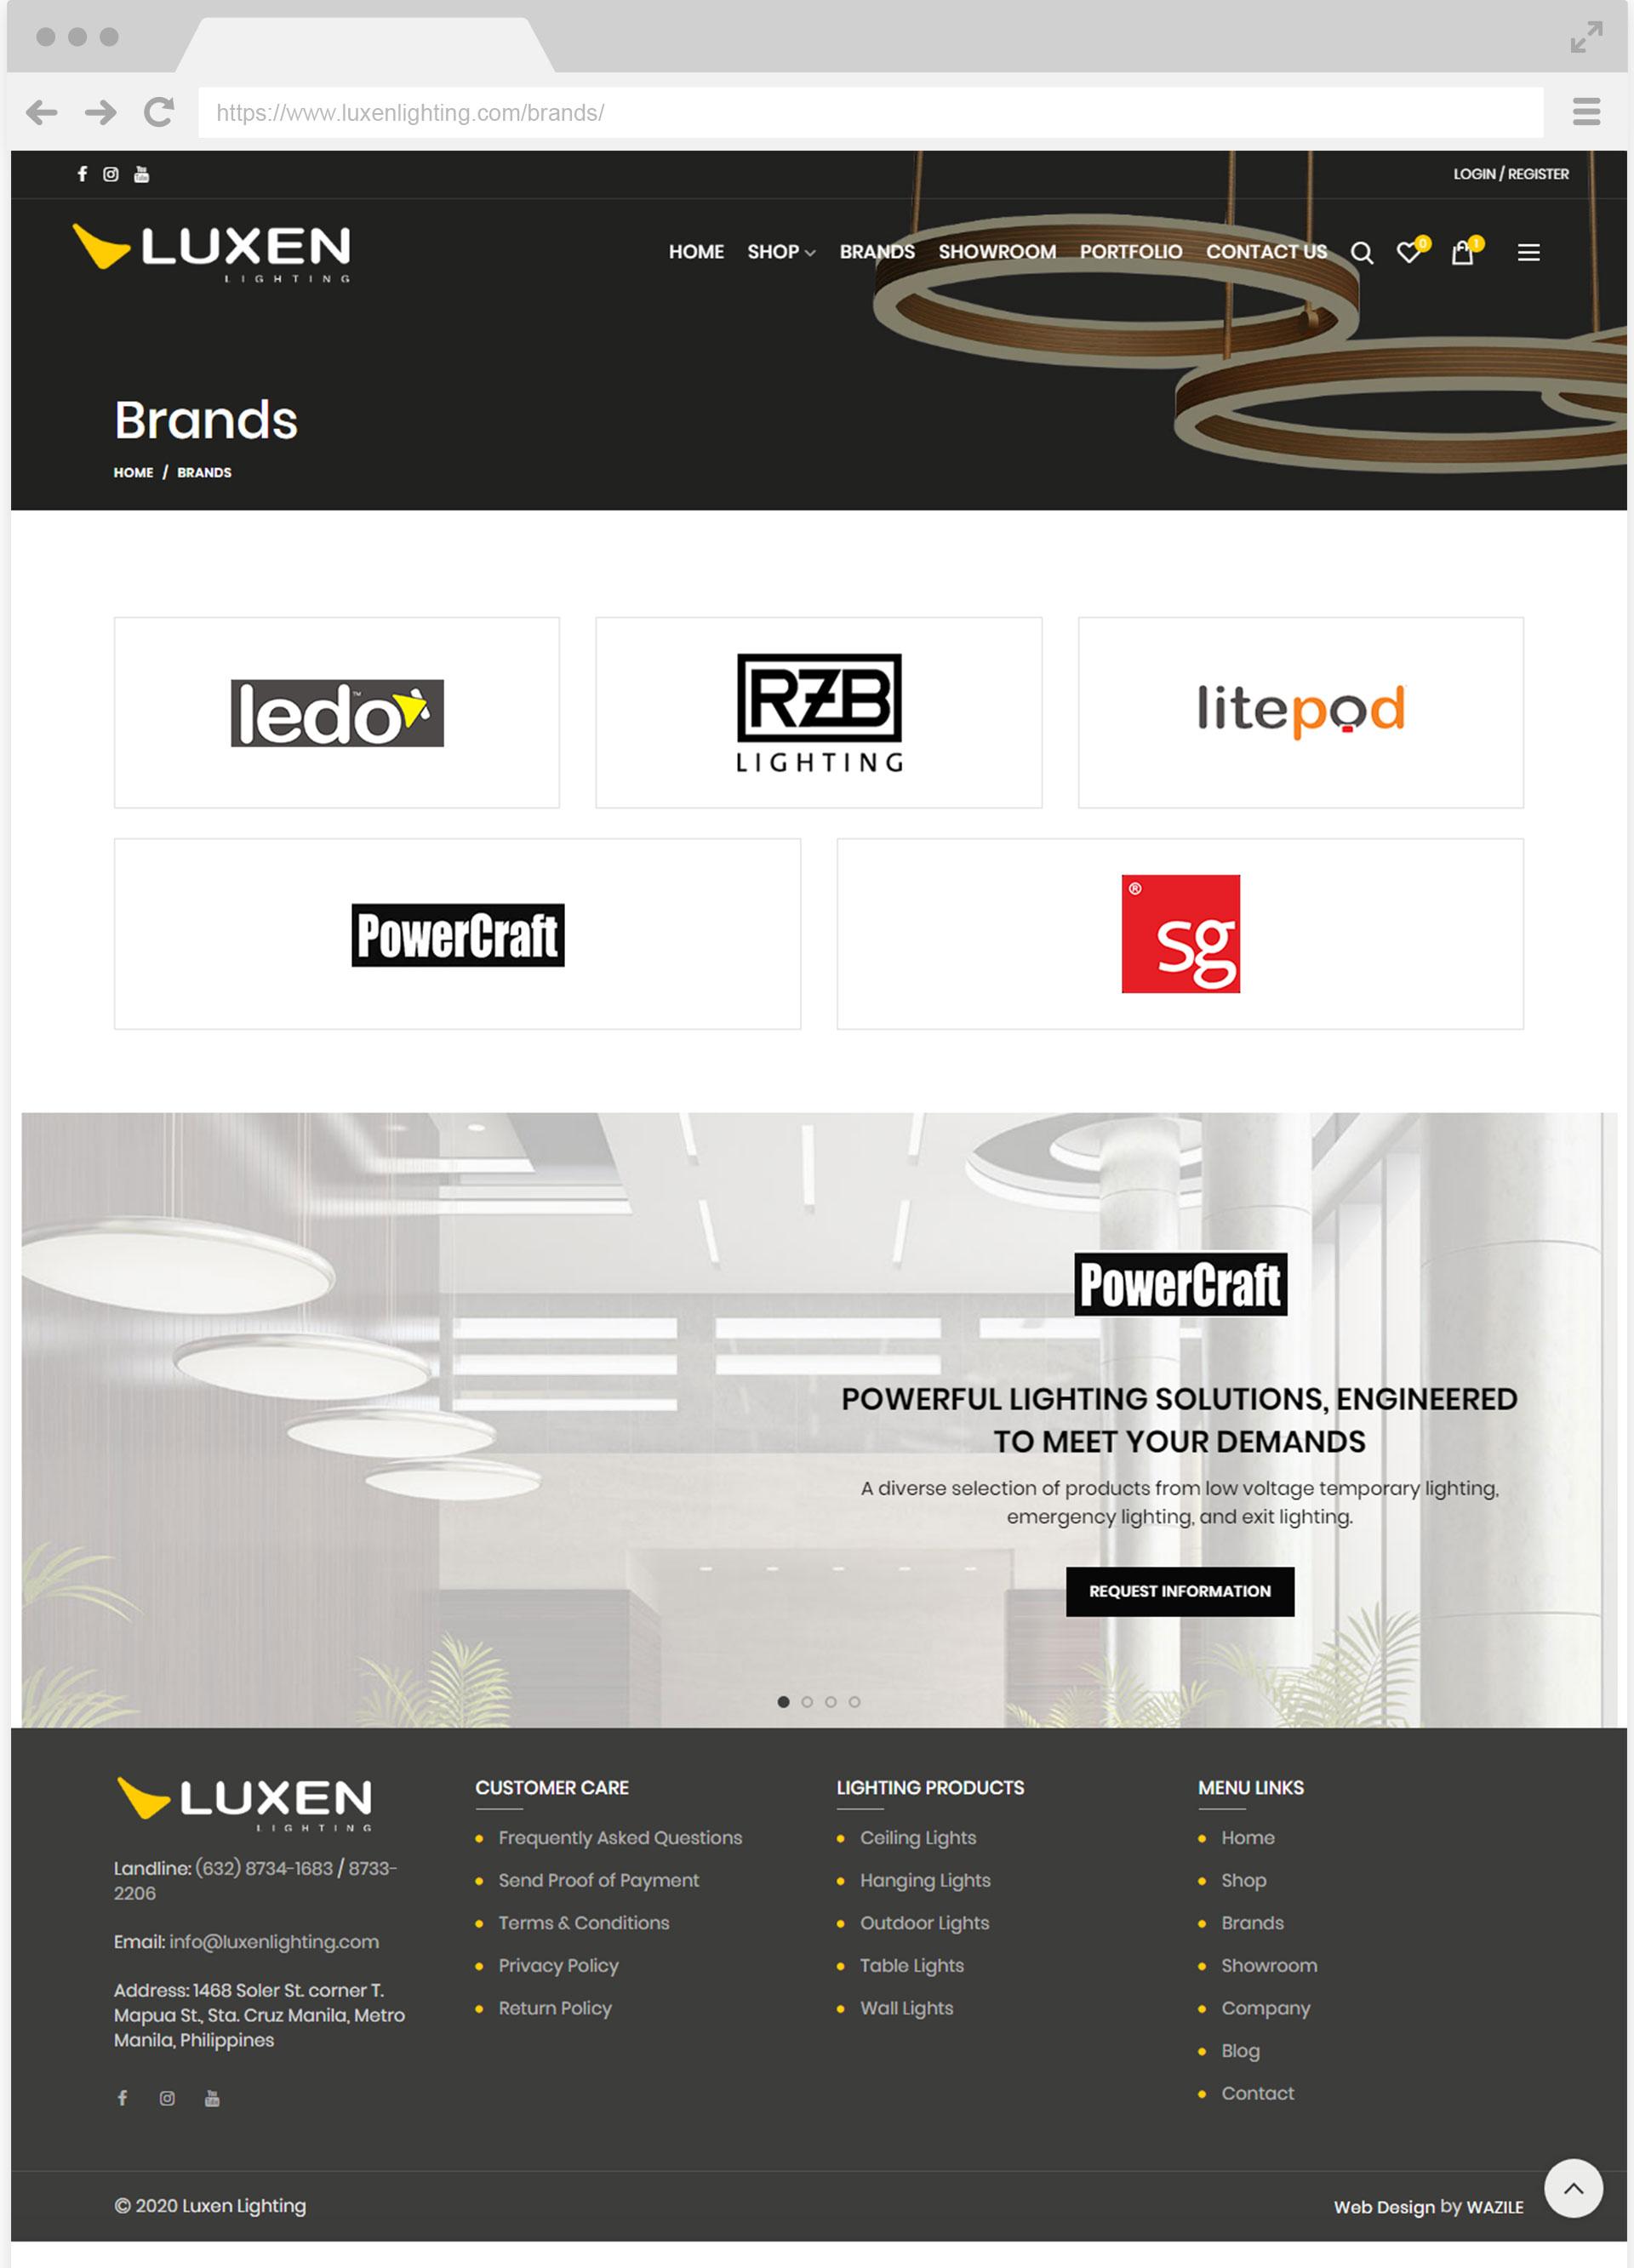 Luxen Lighting Brands